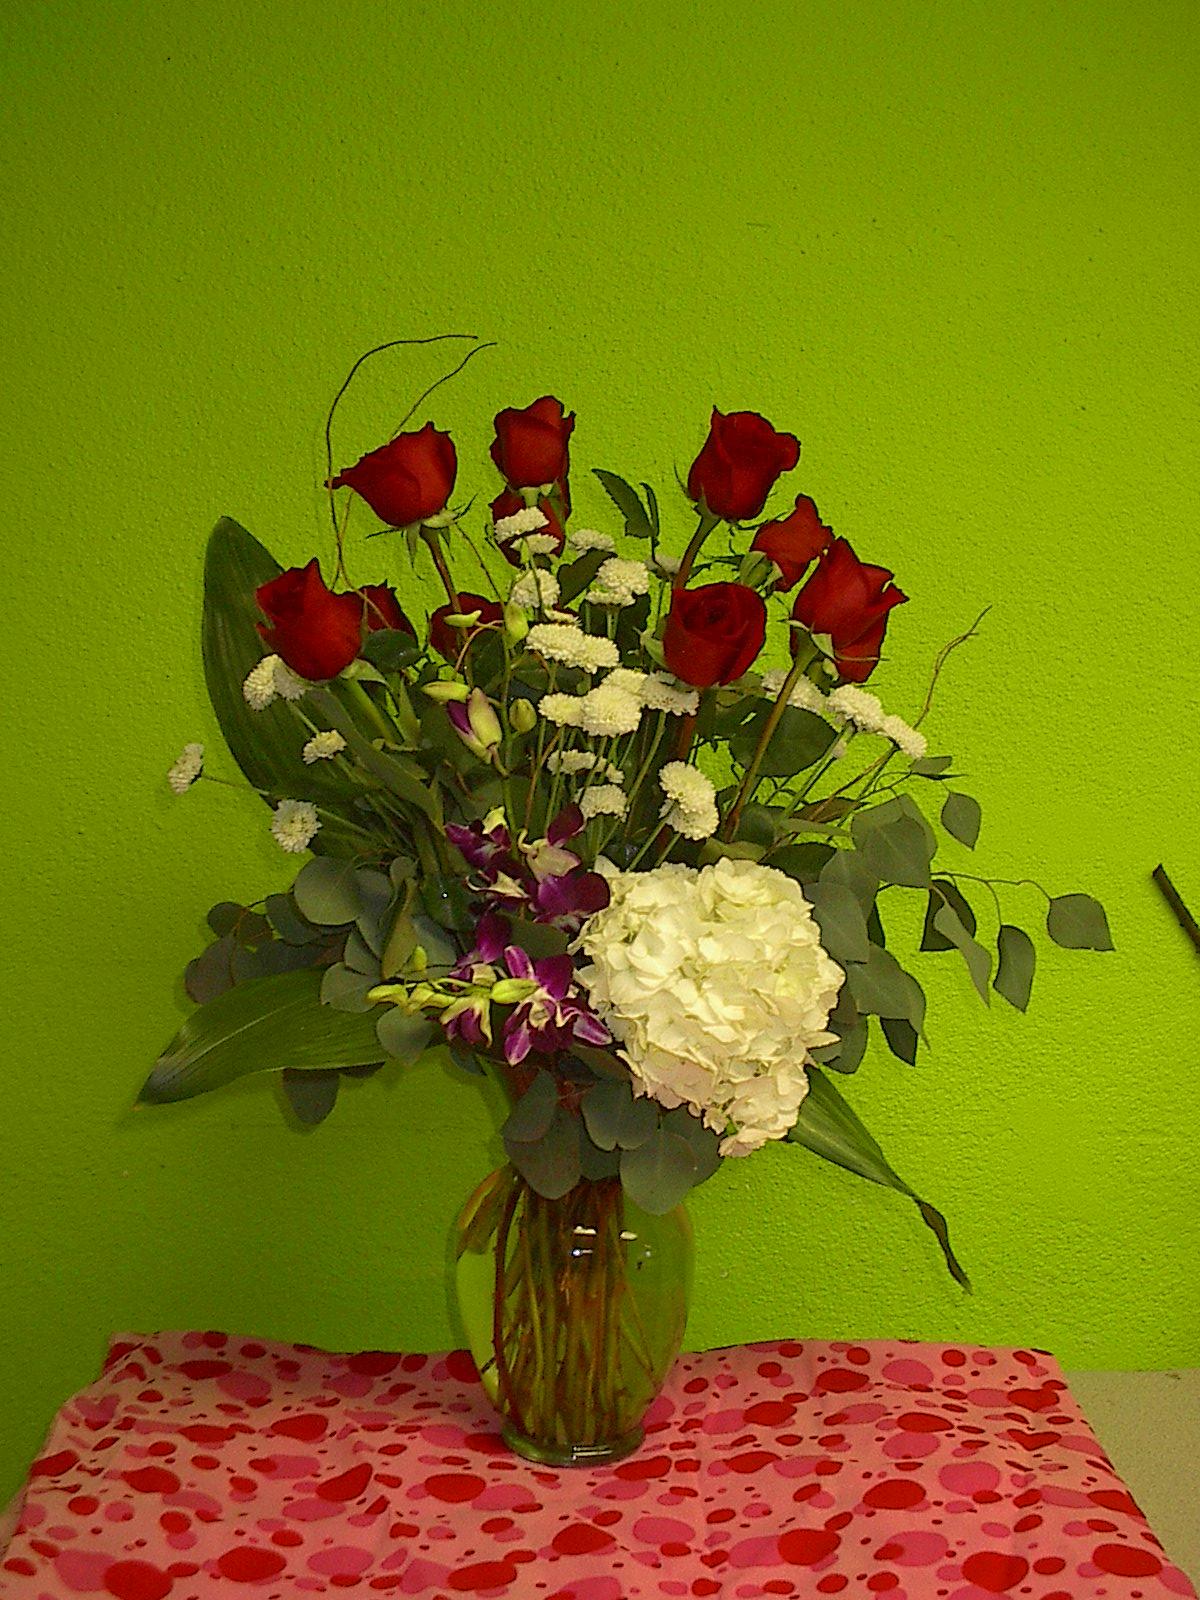 Las Vegas Flowers Premier Event Florists Flowers In Las